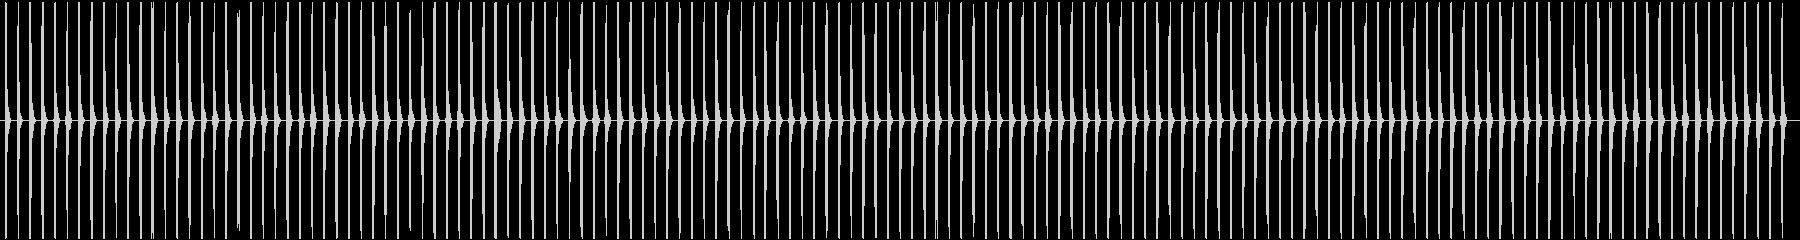 ゼンマイ仕掛けの時計の秒針(チクタク)Aの未再生の波形